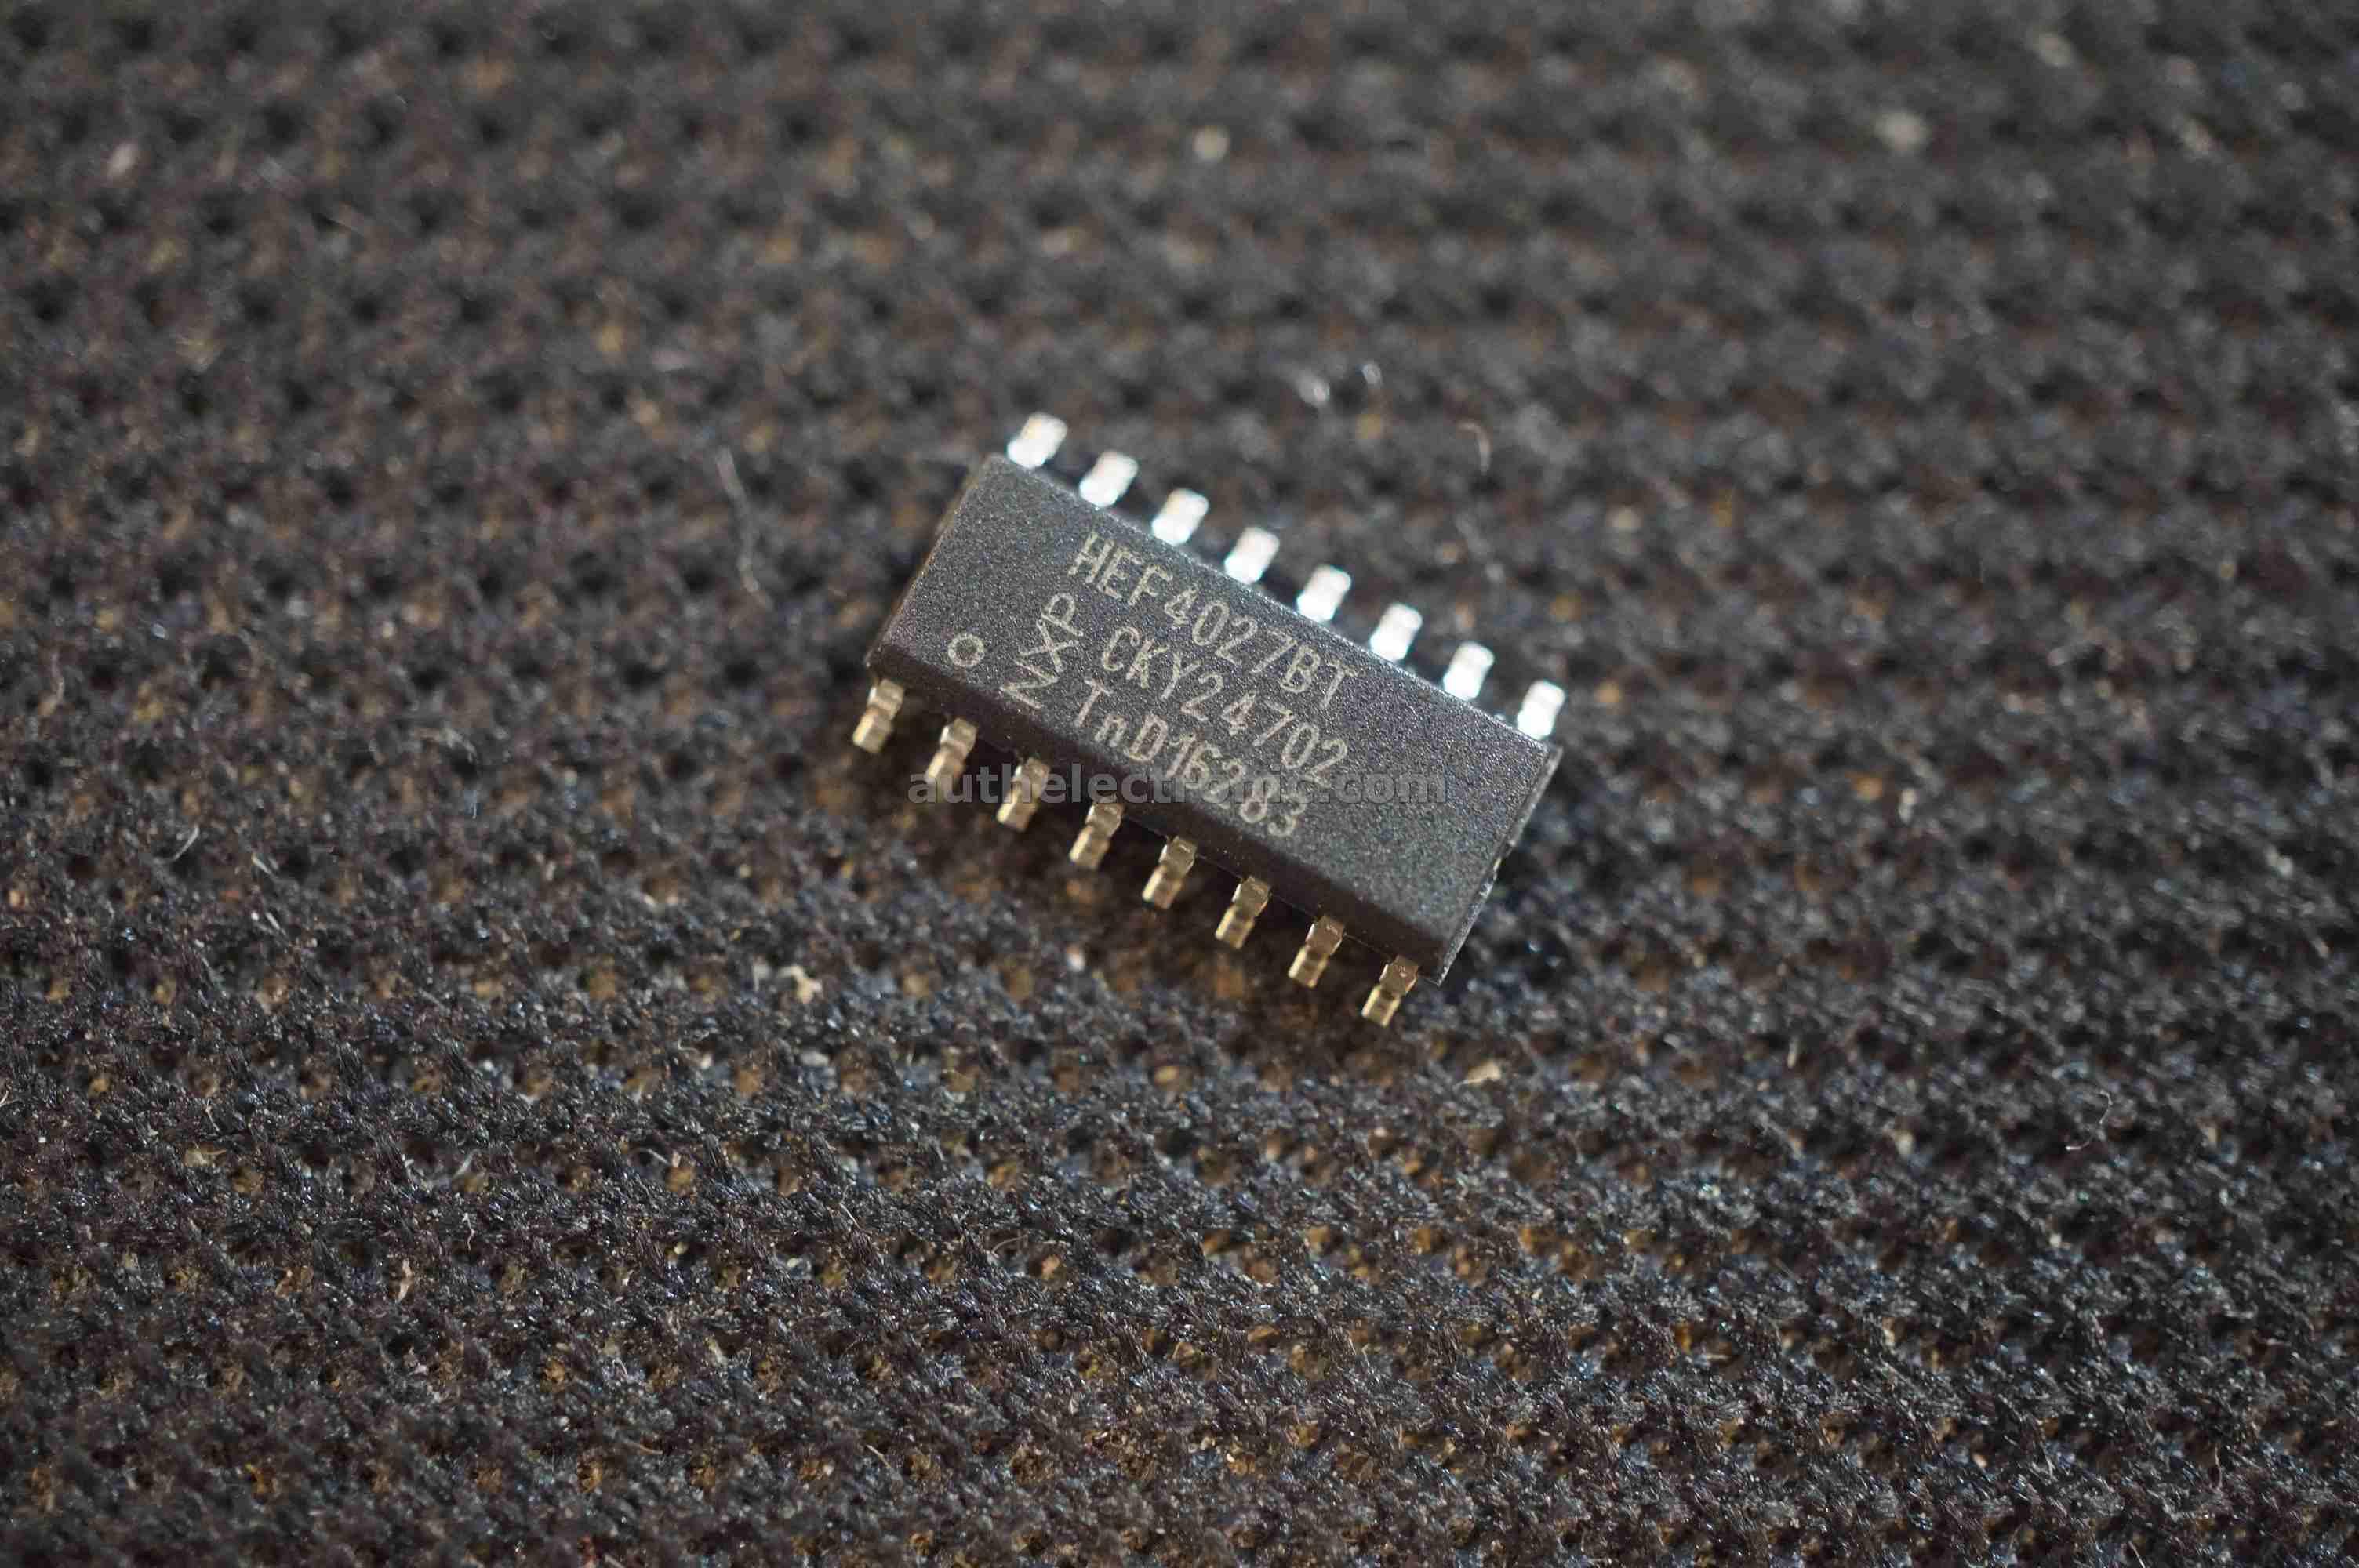 5pcs-original-dual-jk-flip-flop-ic-hef4027bt-hef4027-4027-sop-14-new-nxp-semicon